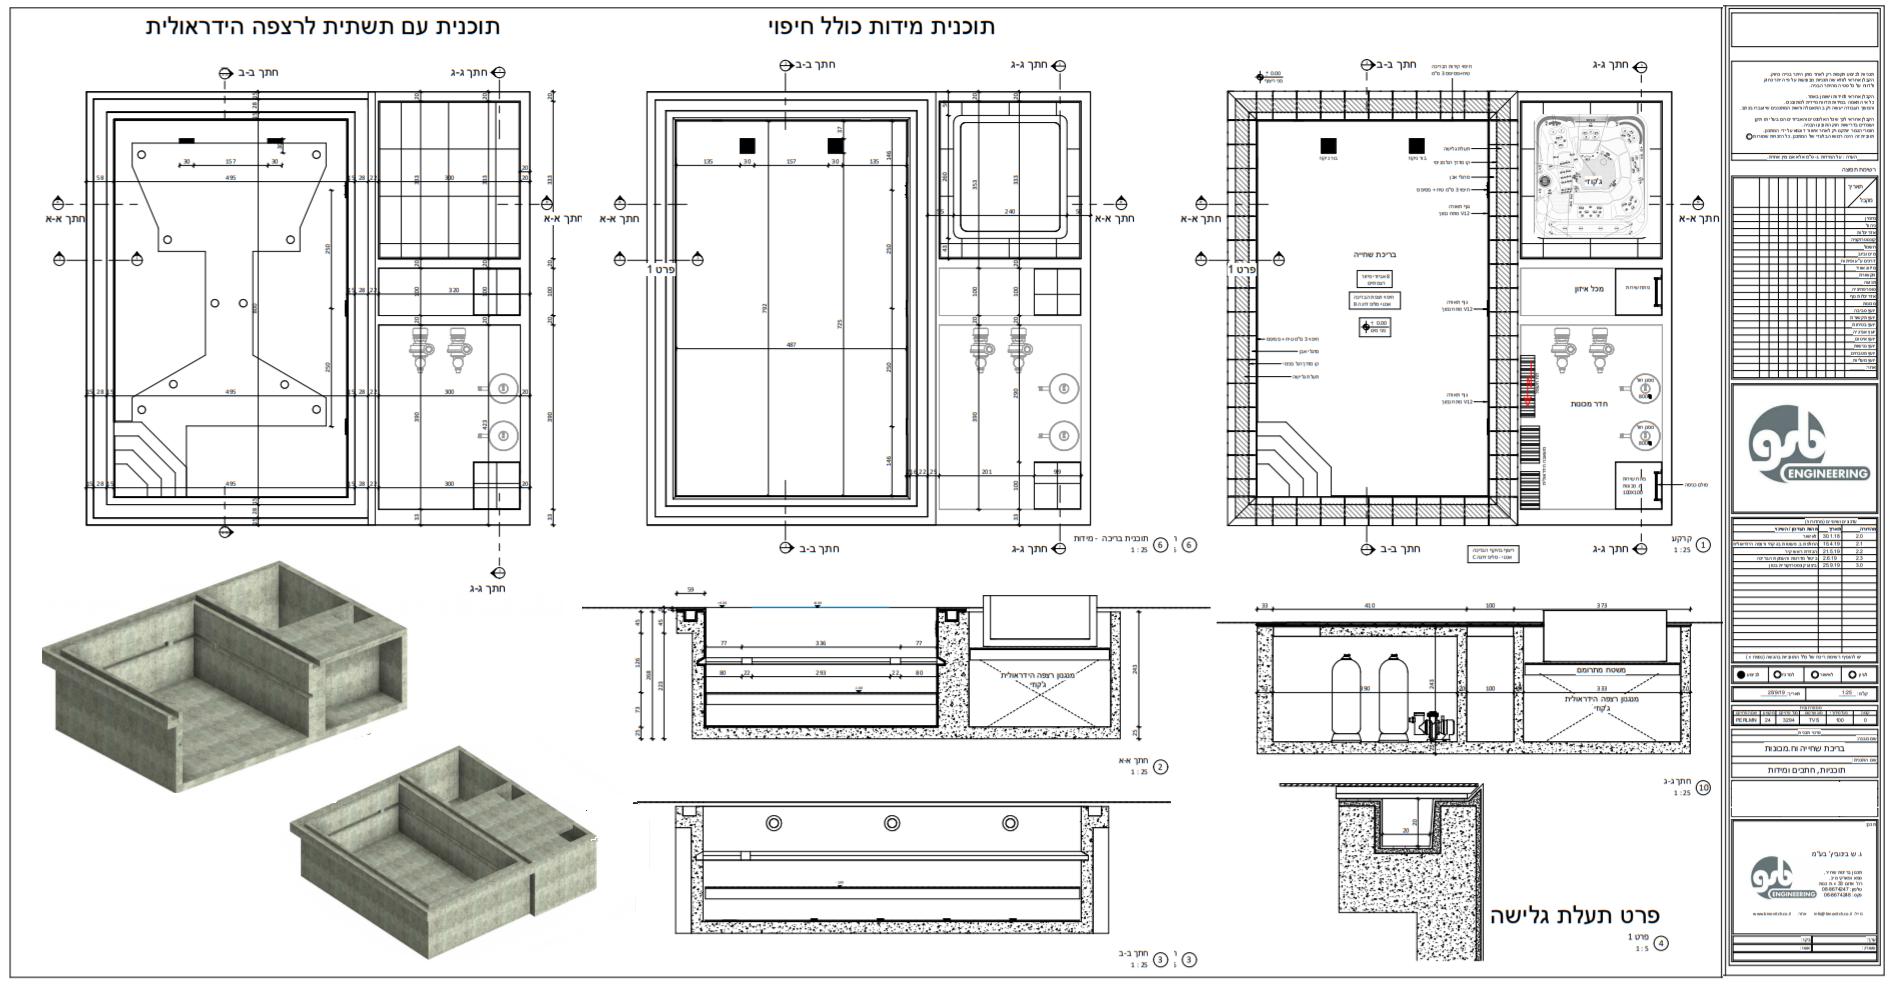 תכניות מבנה כבסיס לתכנון קונסטרוקציה